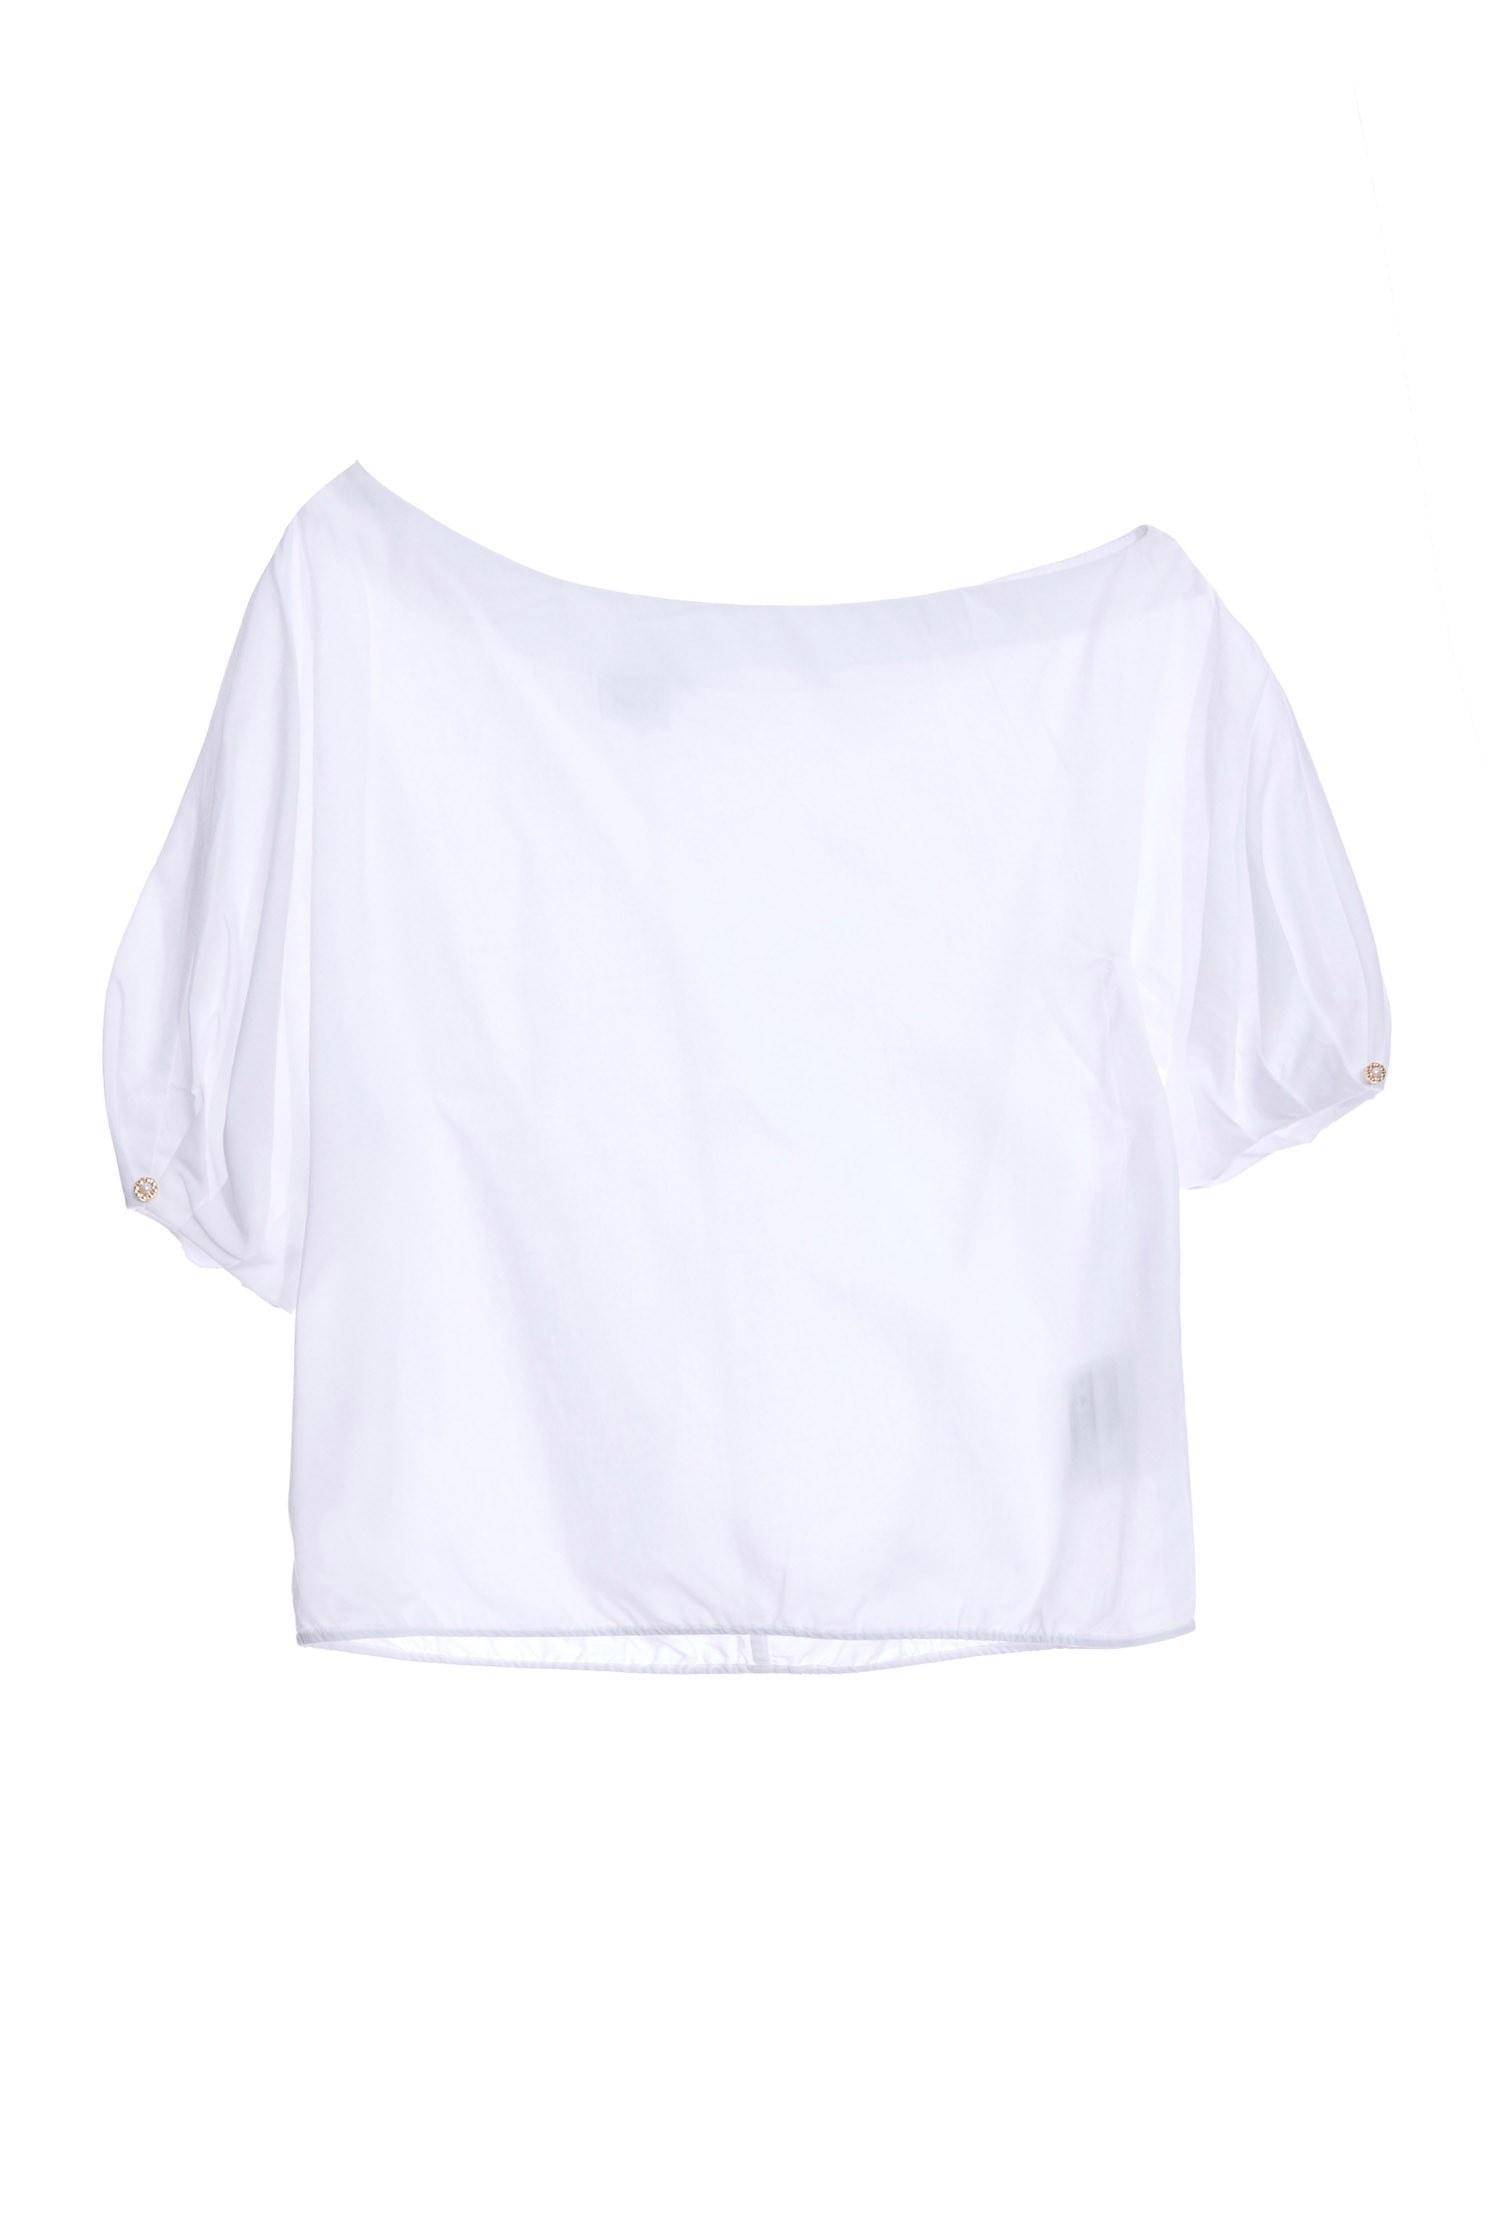 Asymmetric shoulder-shaped cotton top